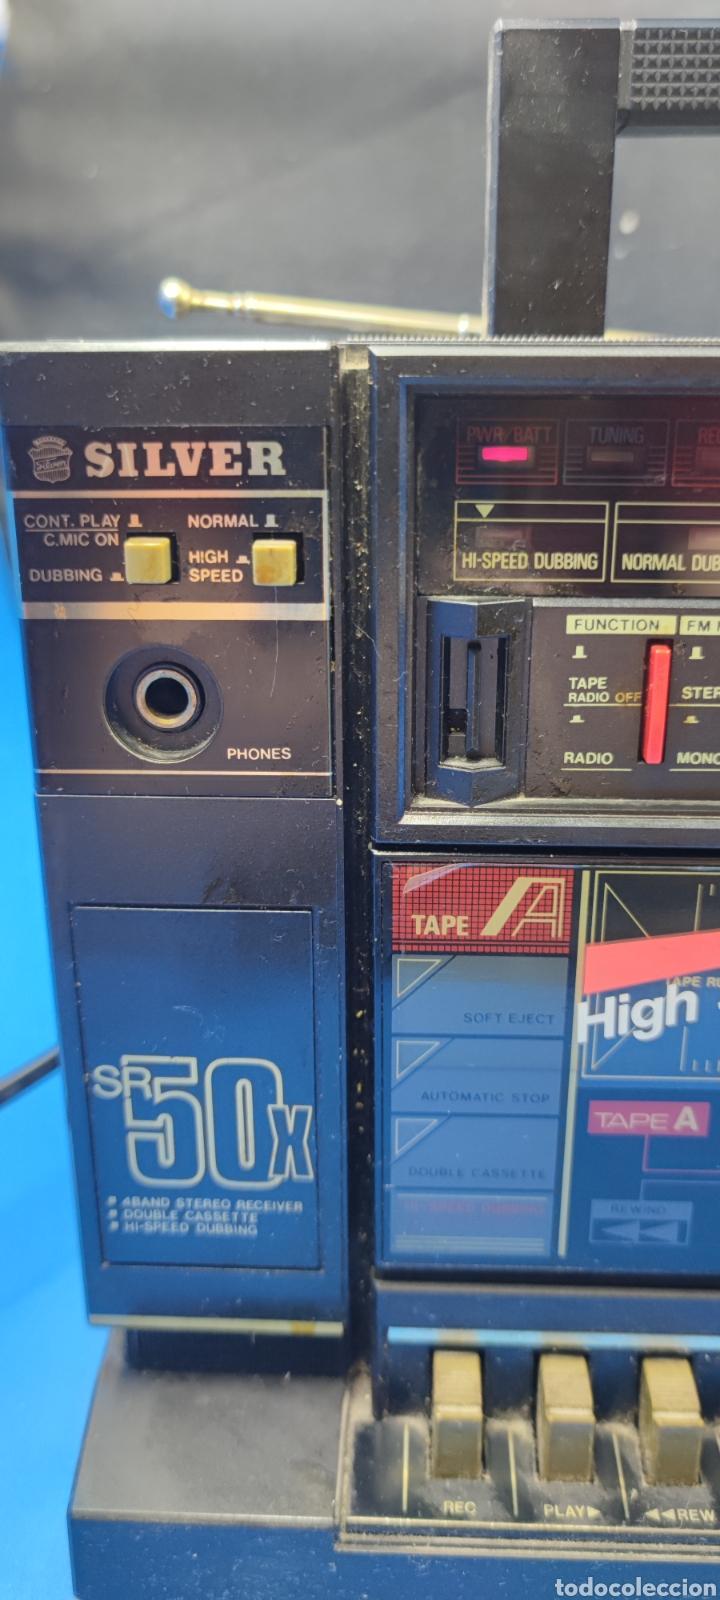 Radios antiguas: RADIO CASSETTE SILVER SR 50 X VINTAGE - Foto 3 - 286408988